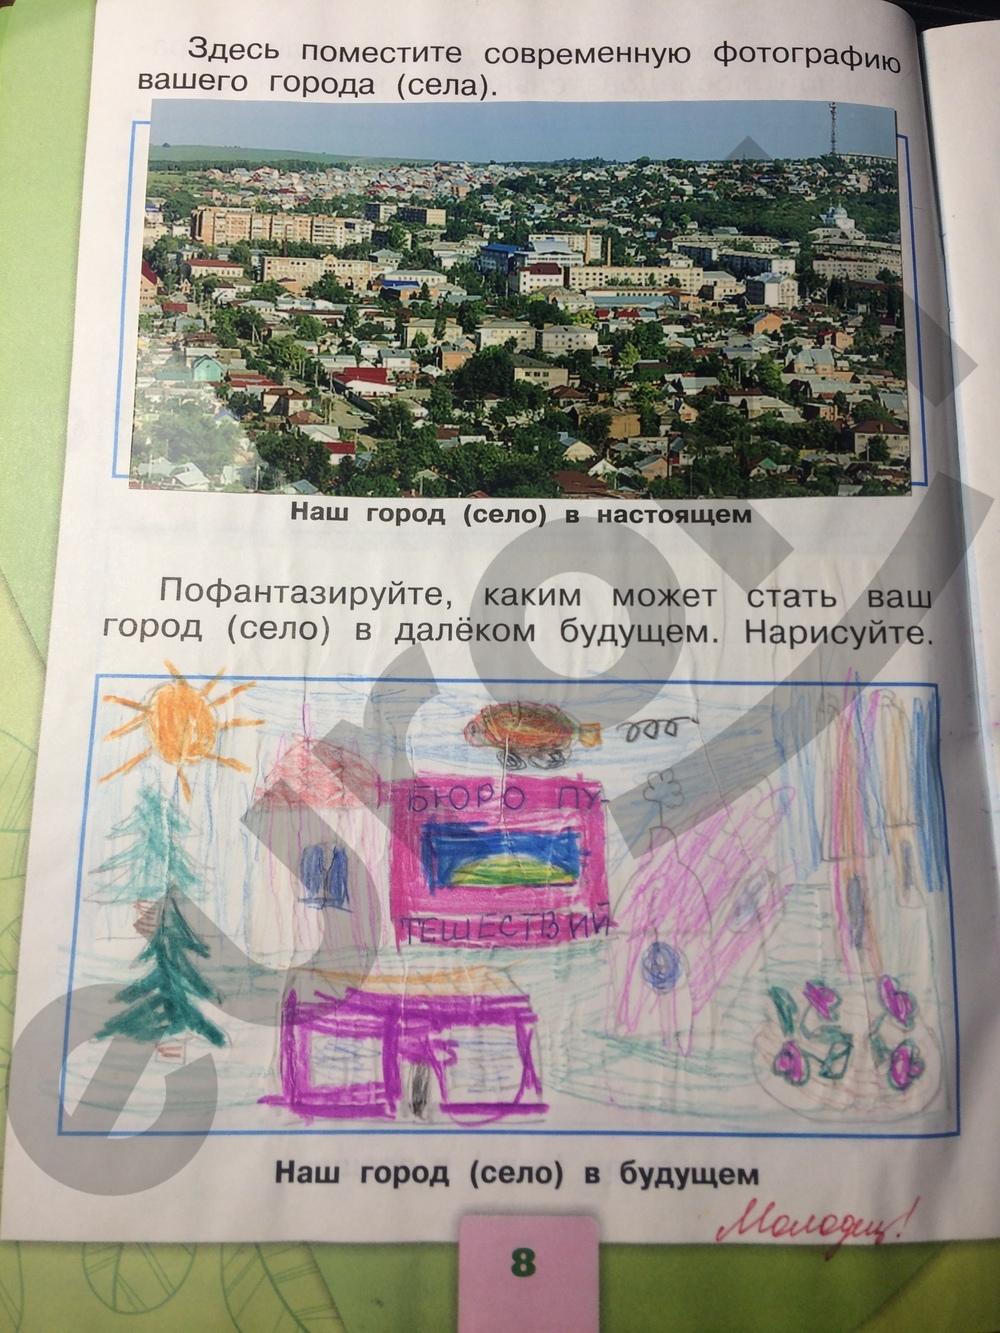 ГДЗ по окружающему миру 1 класс рабочая тетрадь Плешаков Часть 1, 2. Задание: стр. 8